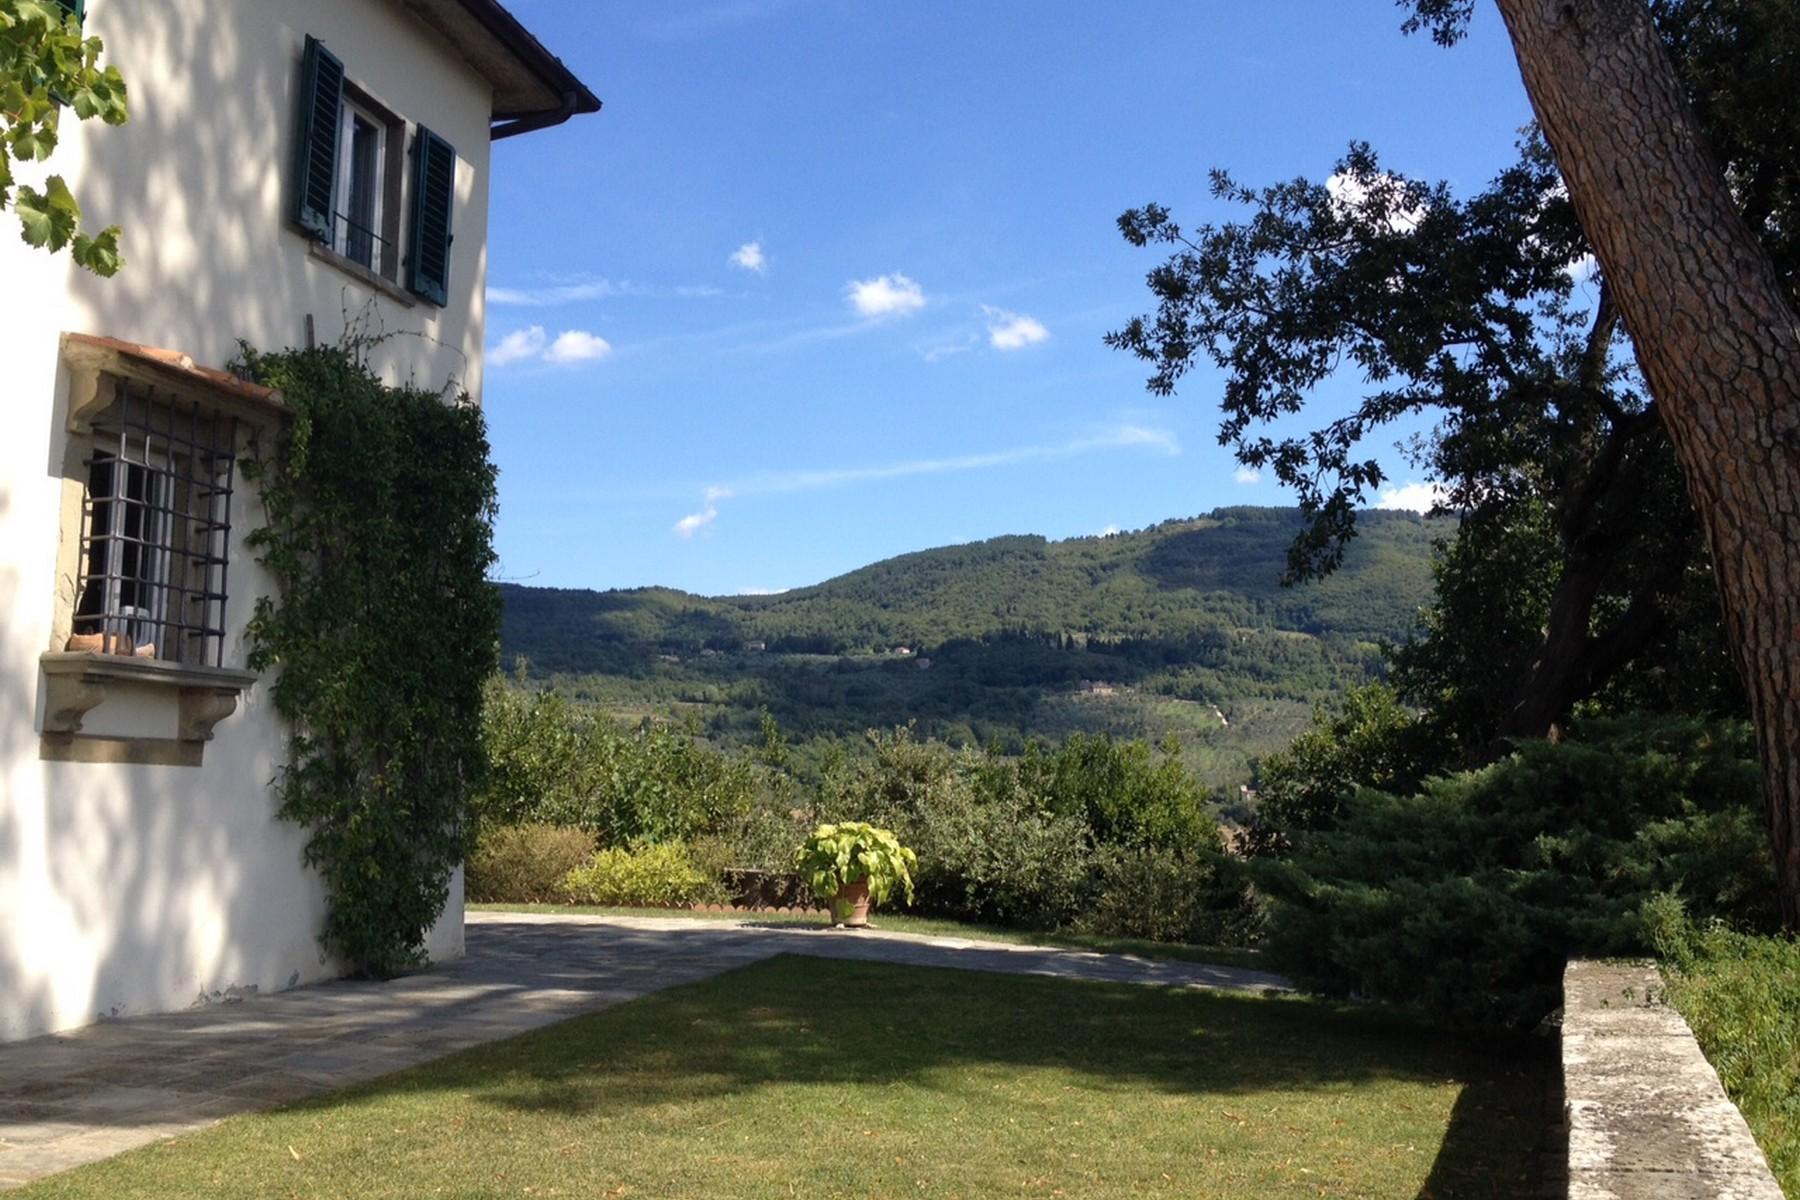 Résidence historique sur les collines de Fiesole - 10